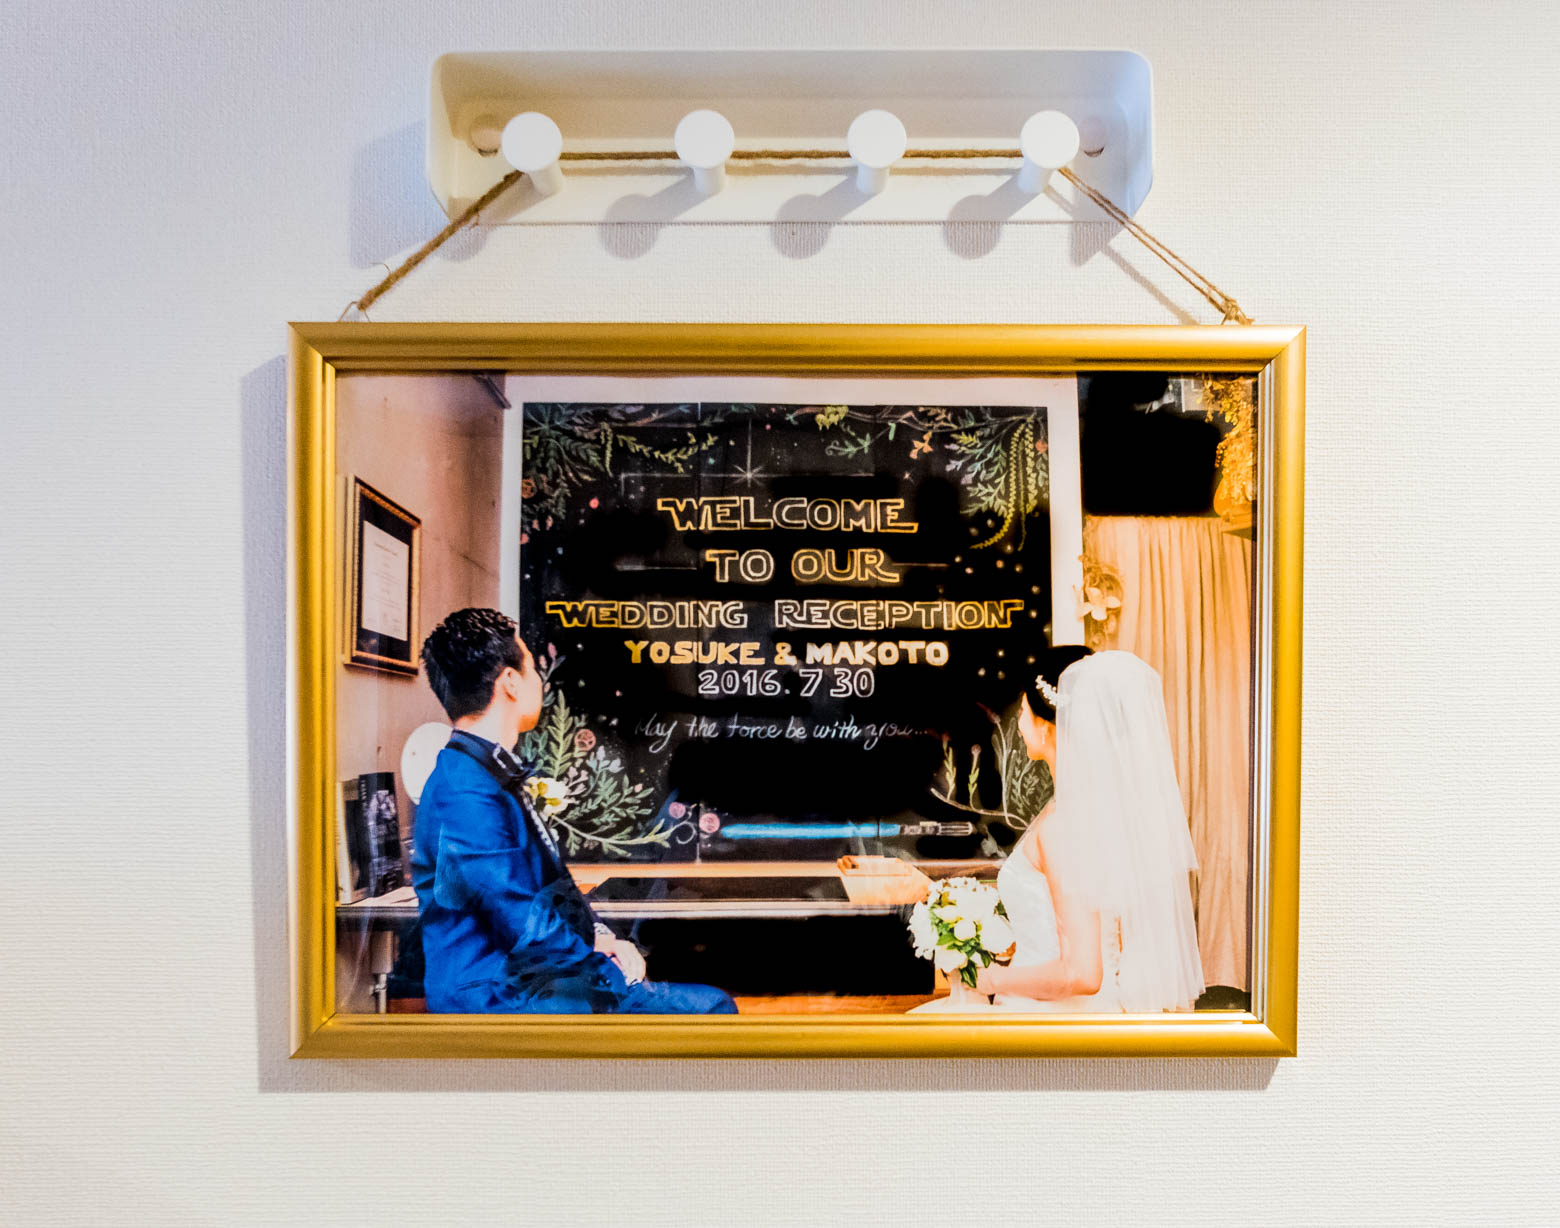 おふたりのWarsieっぷりは友人たちの間で有名らしく、玄関に飾られていたウェディングのウェルカムボードもスター・ウォーズ テイスト。